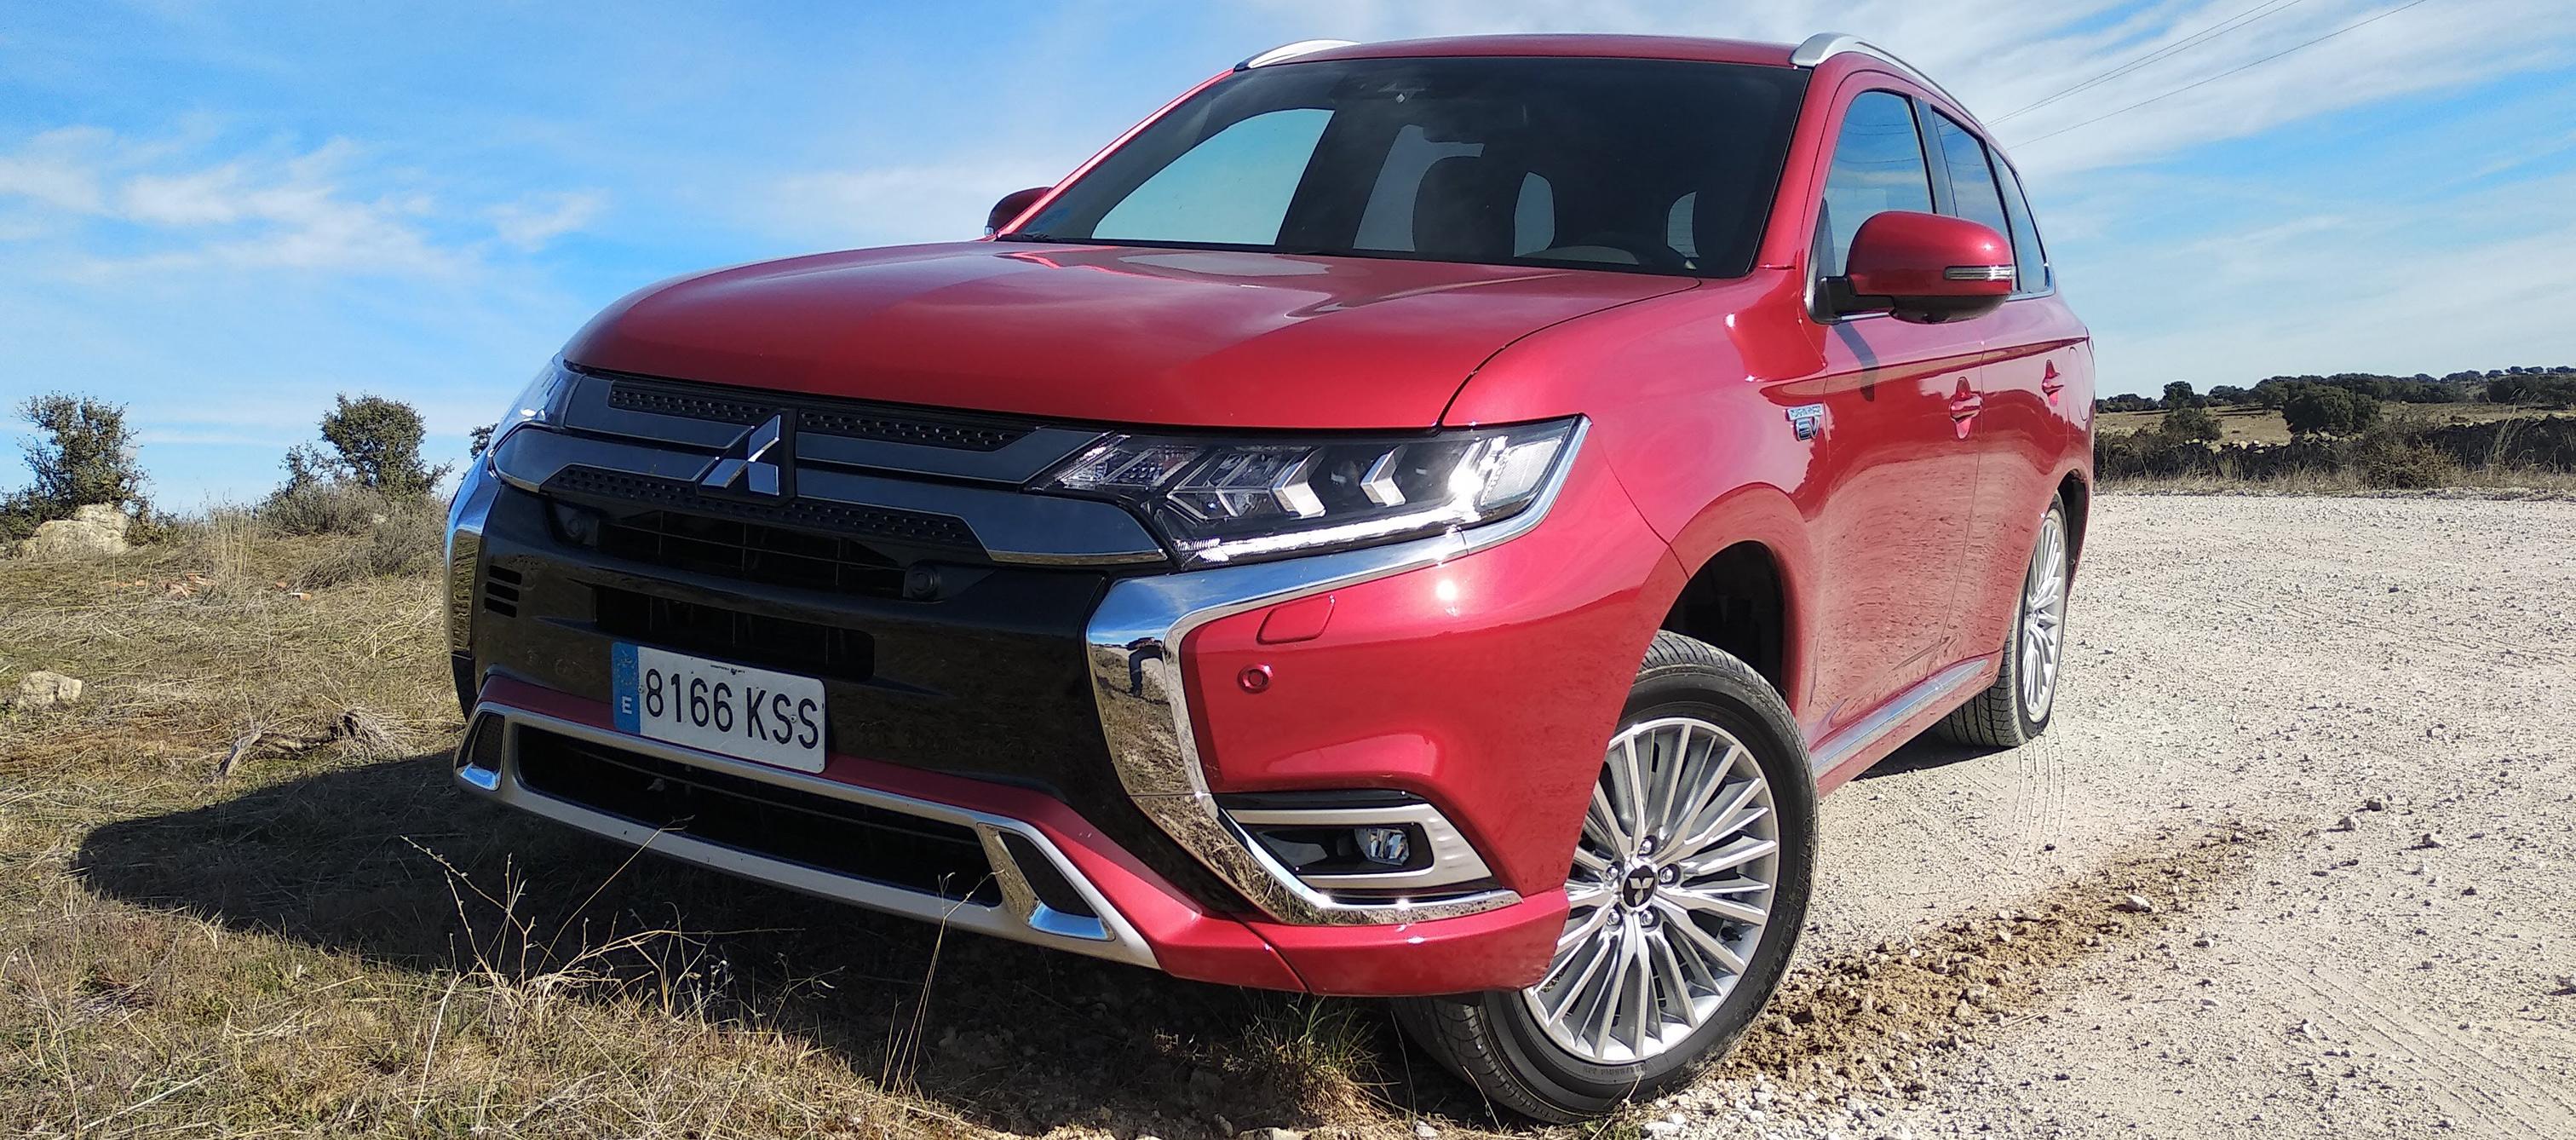 Mitsubishi Outlander PHEV, el PHEV más vendido y razones le sobran